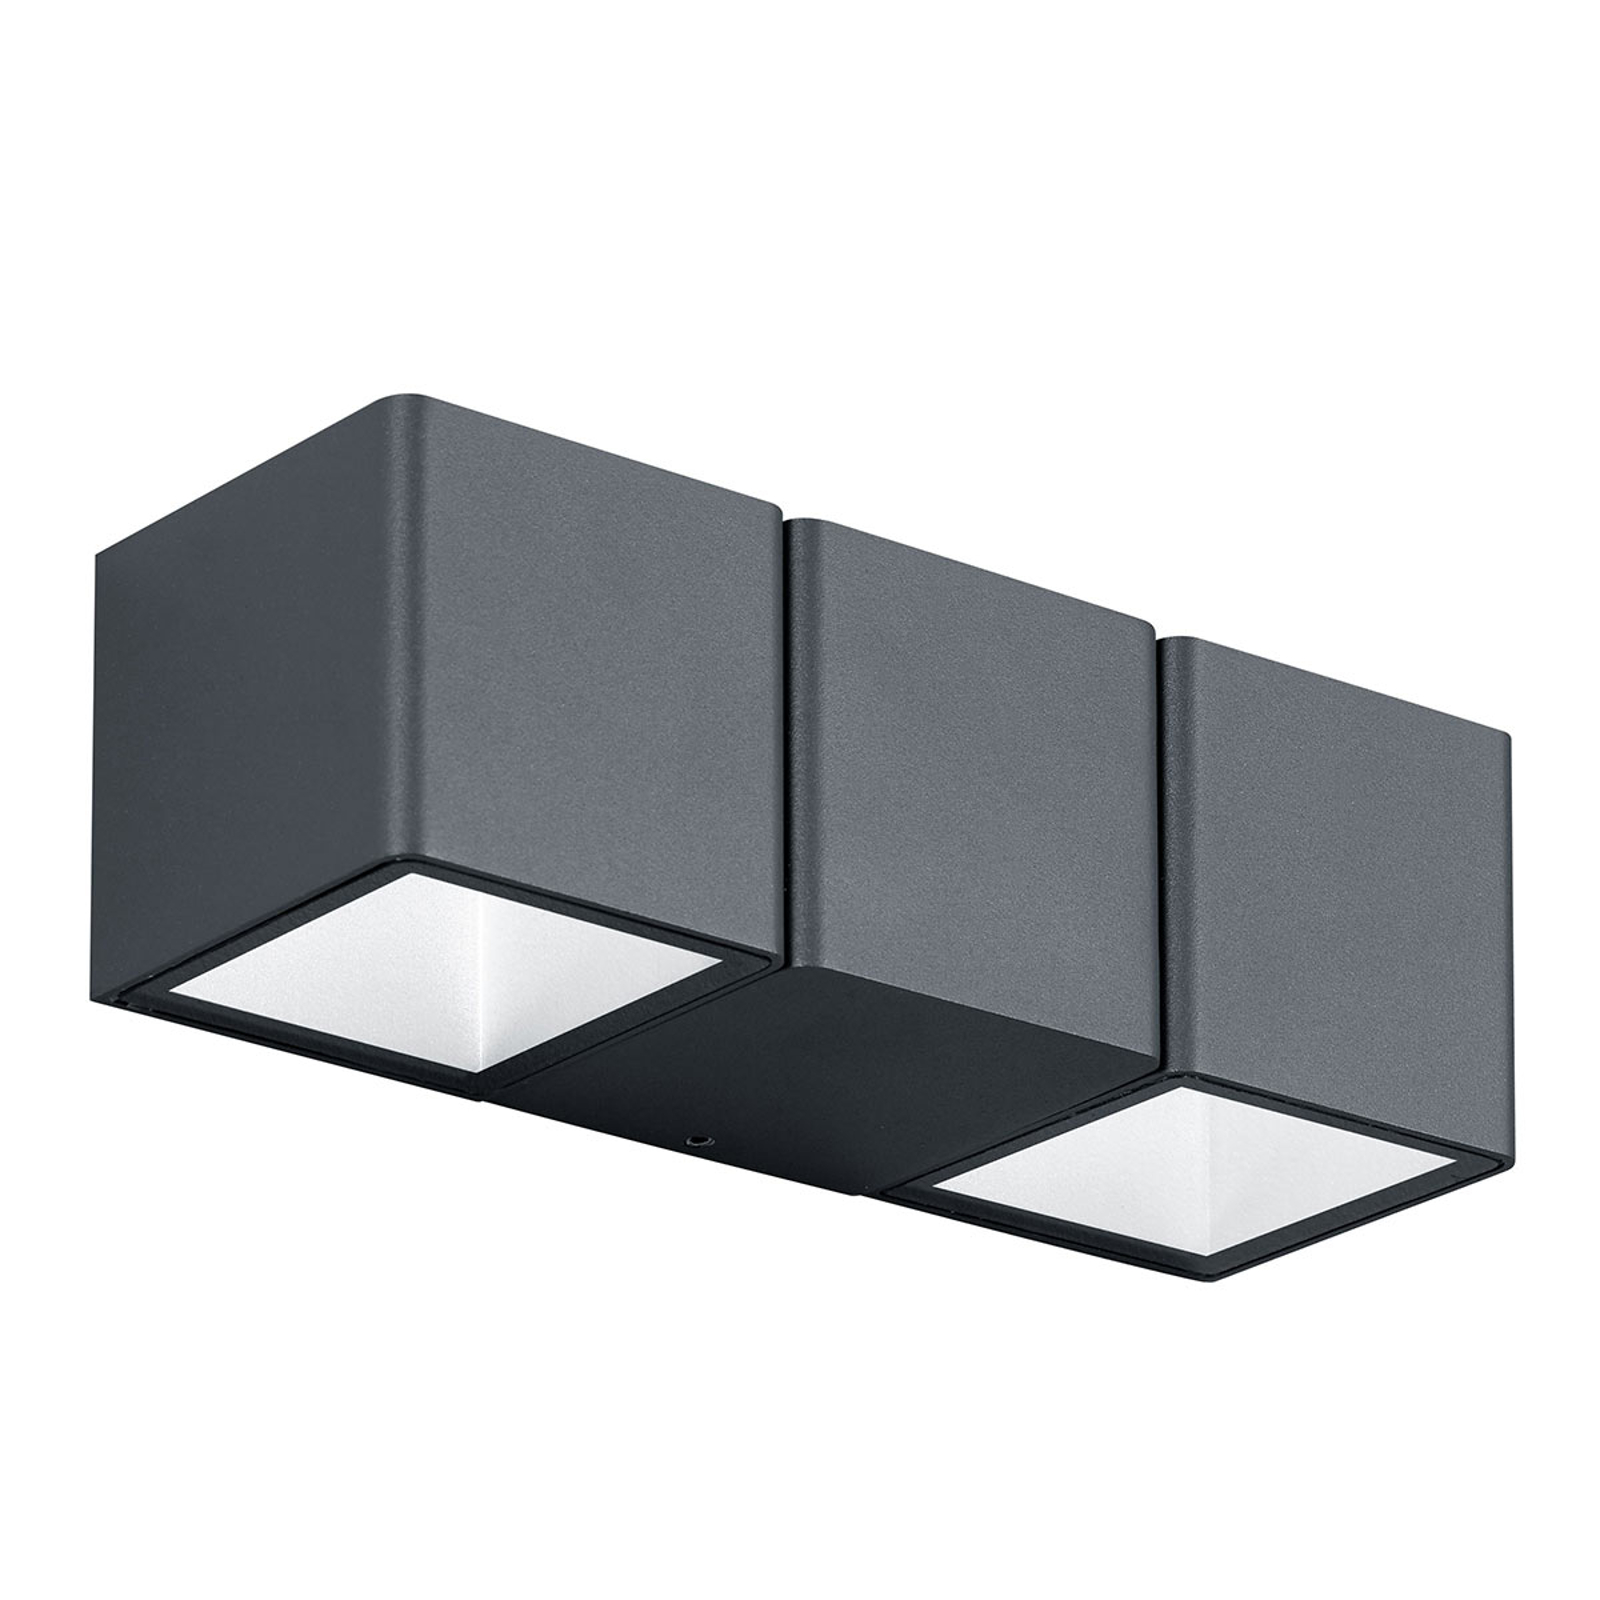 Applique extérieur LED Tessa, 2 lampes, gris foncé